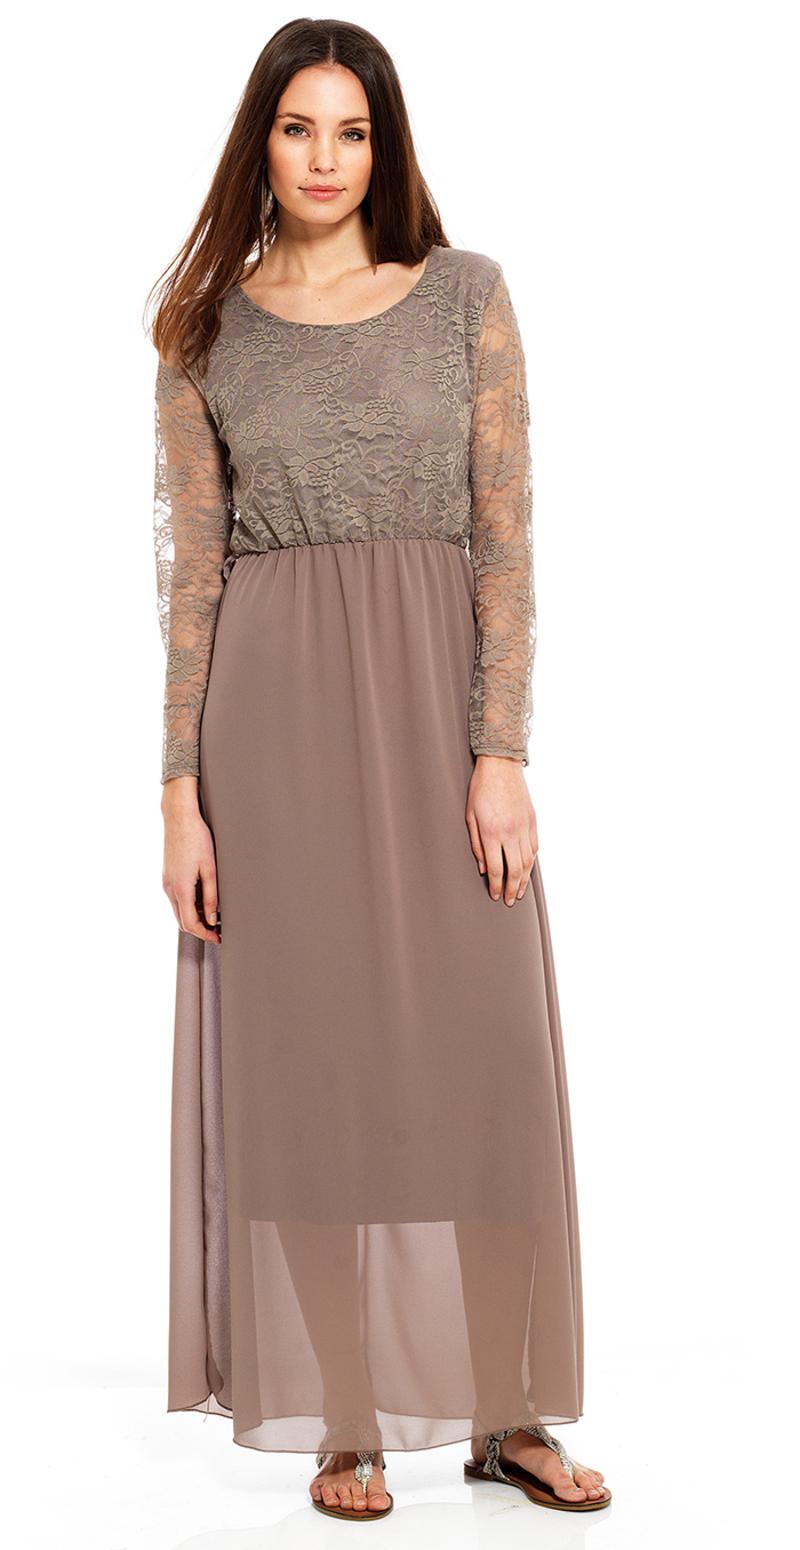 lang kjole med blondeærmer